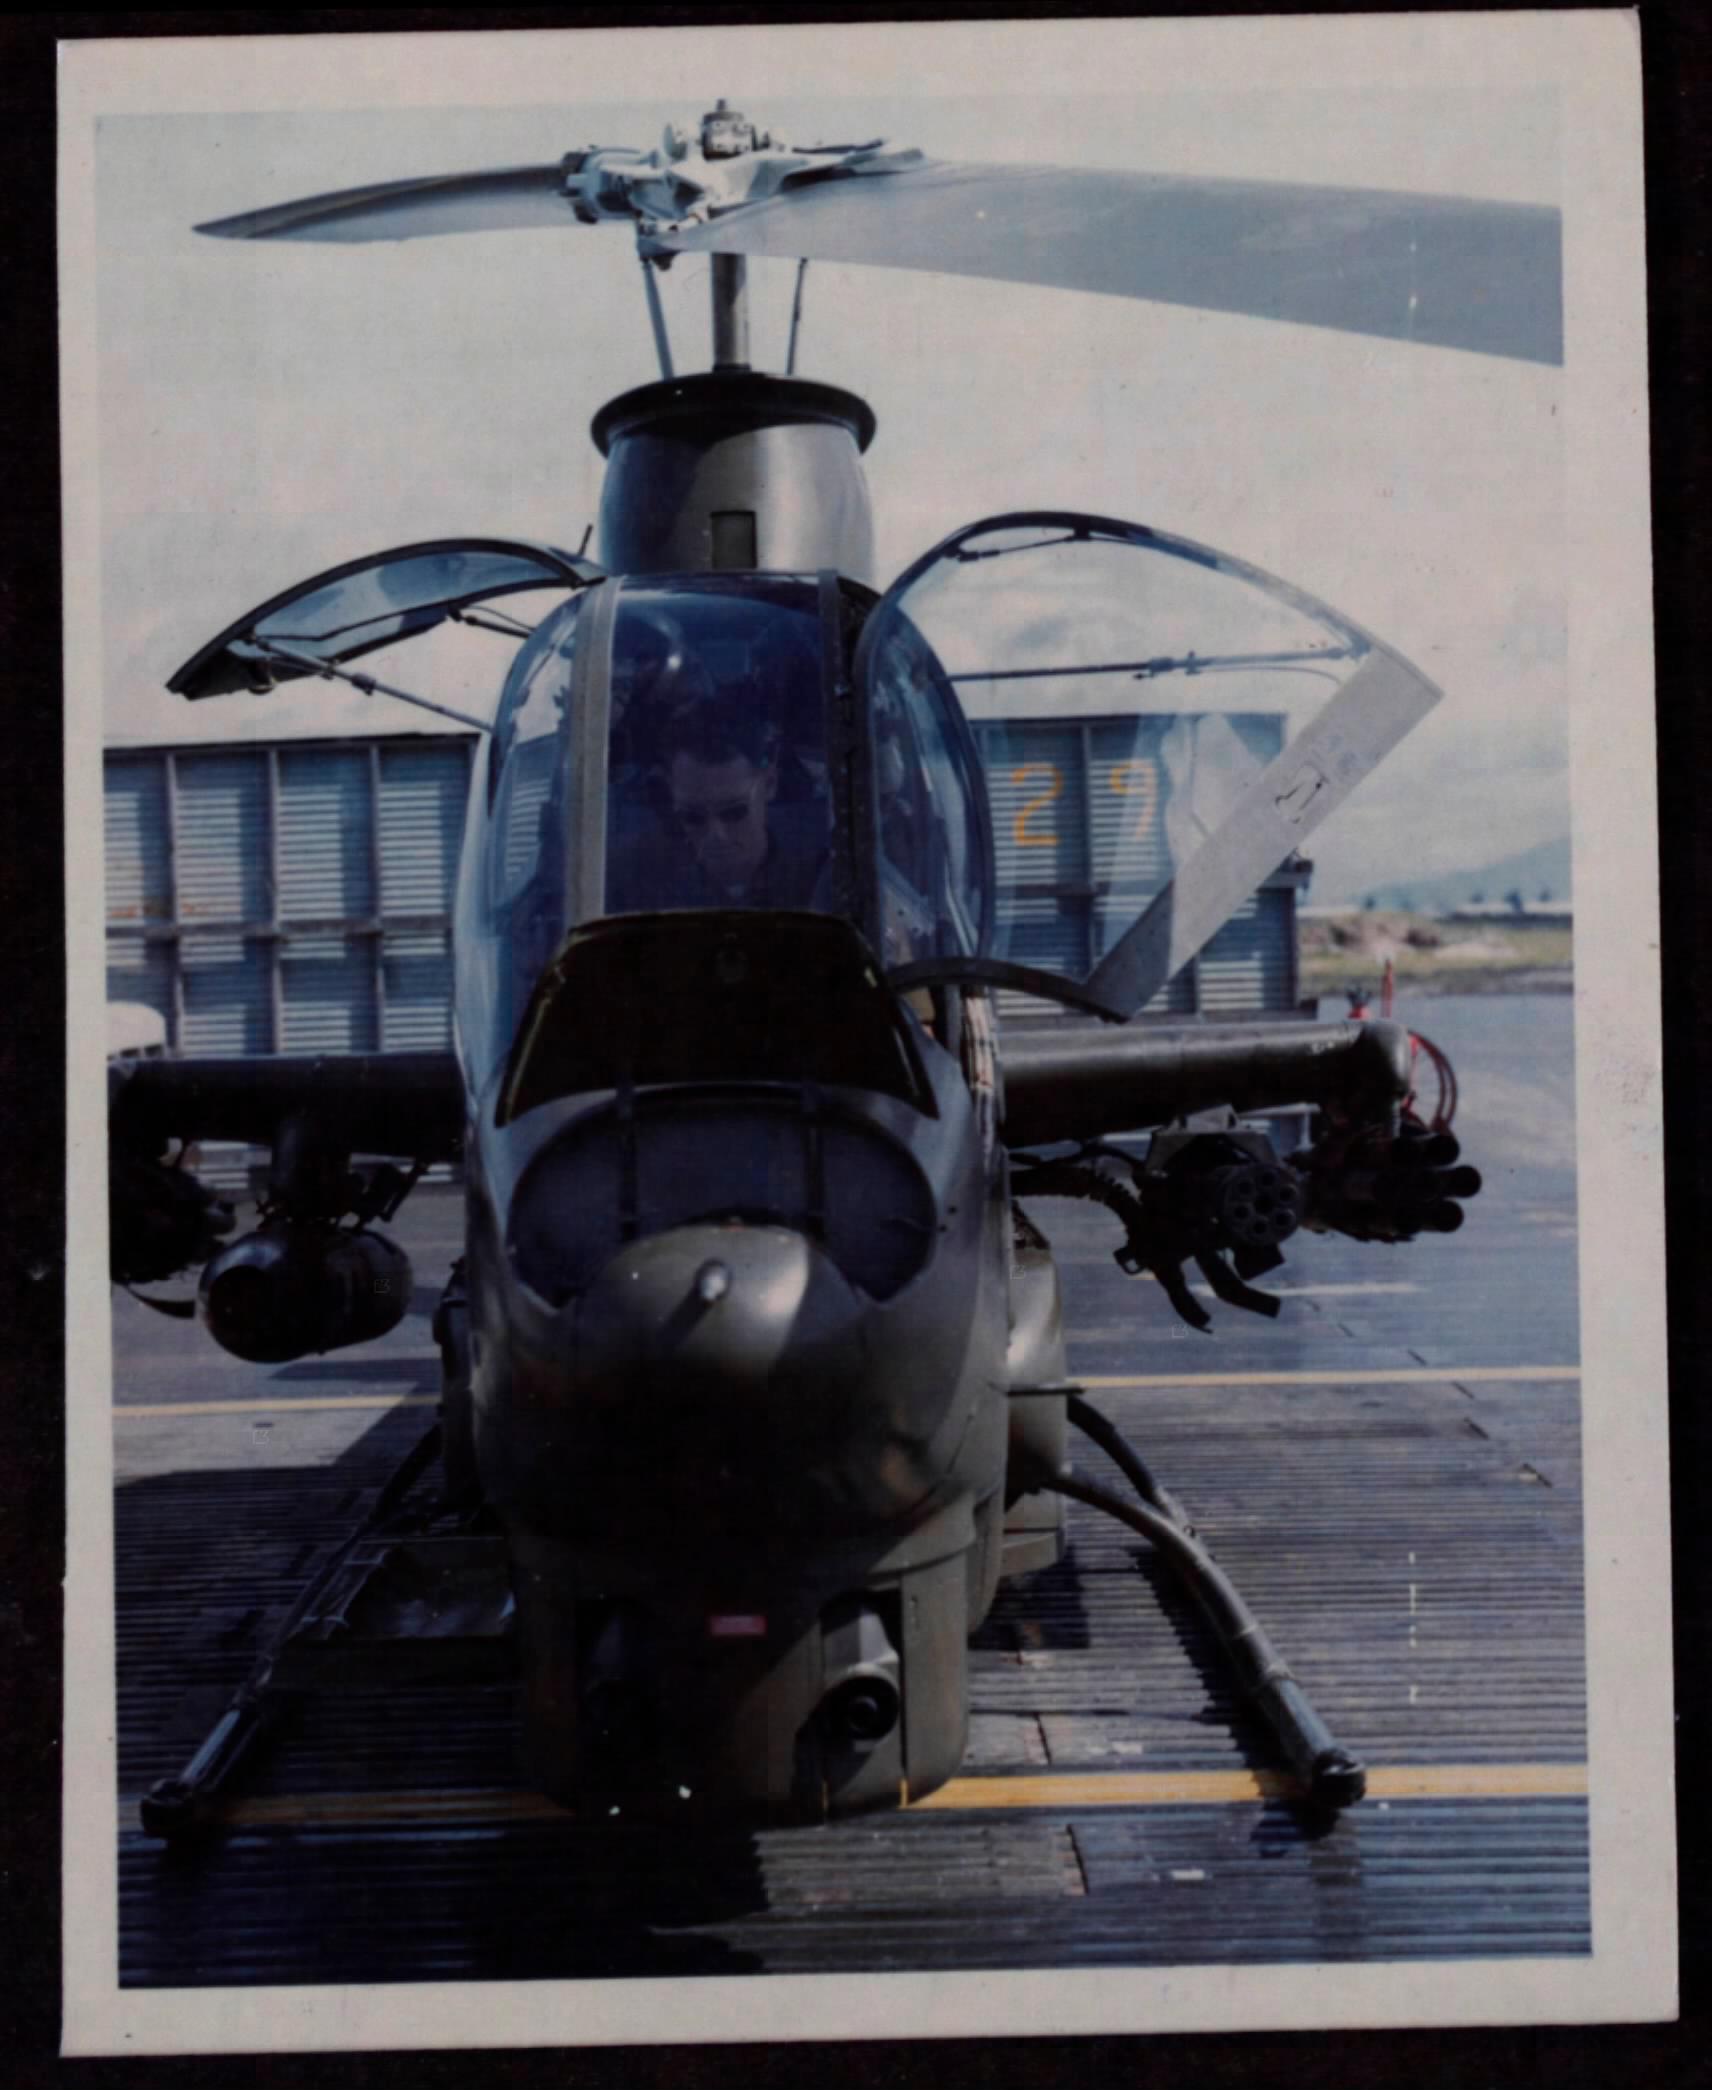 A Cobra at a flight school in Vietnam